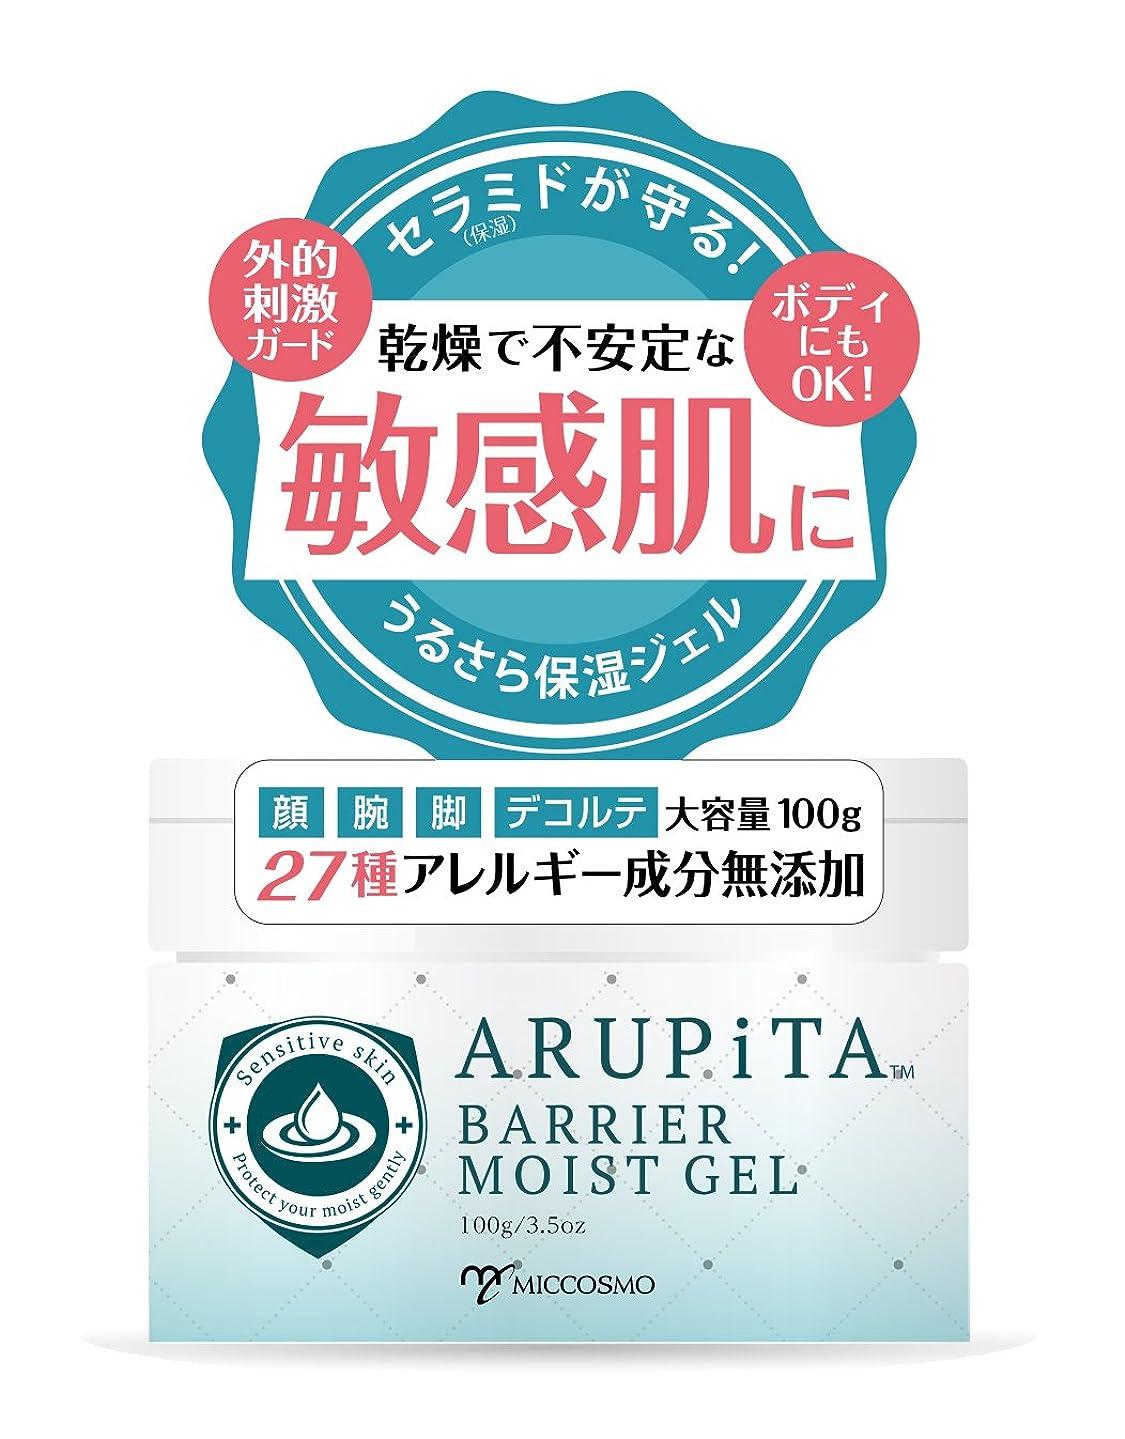 工業化する朝食を食べるキャンペーンアルピタ バリアモイストジェル 100g